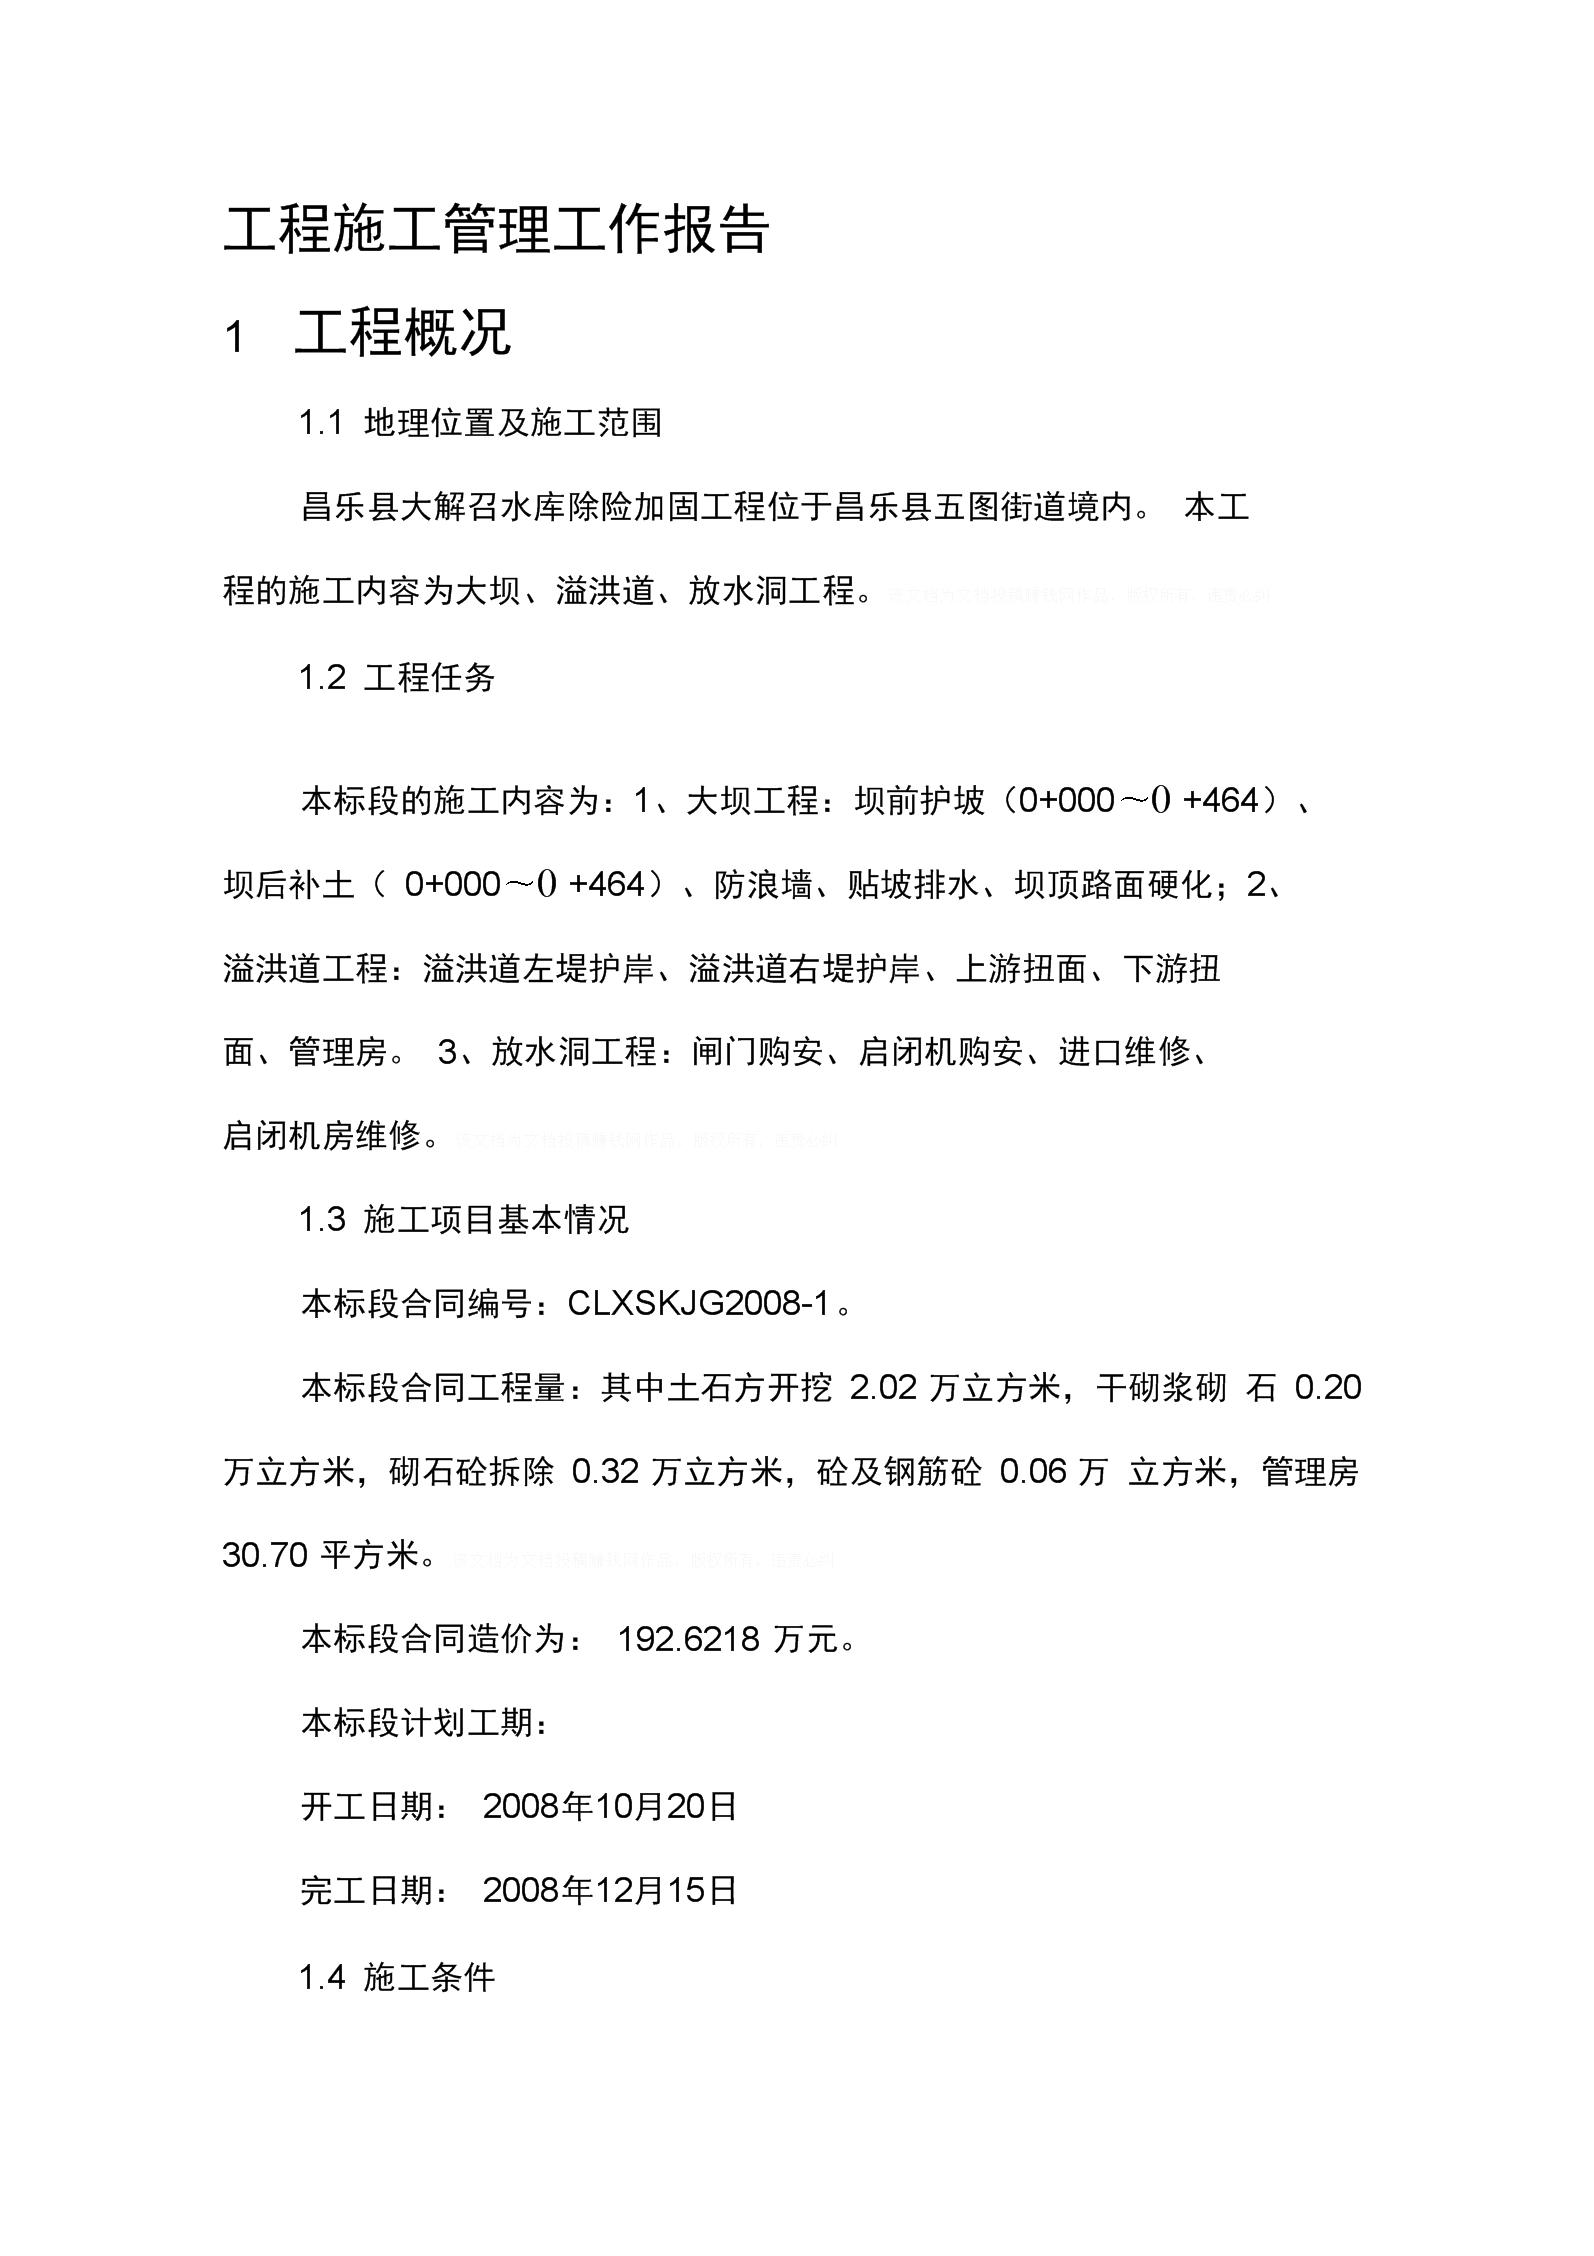 大解召施工管理报告.docx